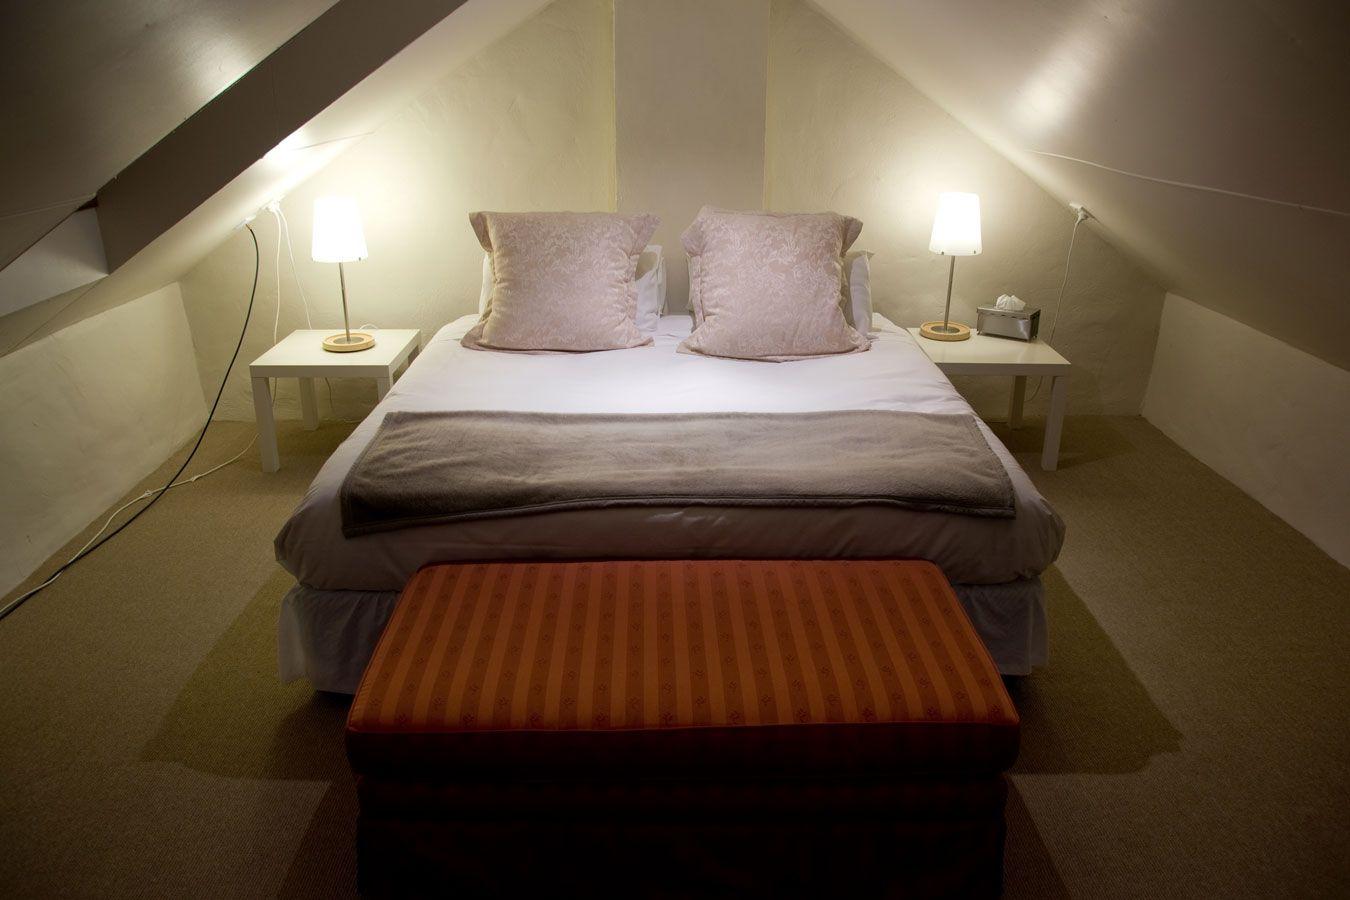 Slaapkamer Ideeen Zolder : Een knusse slaapkamer op zolder maakt slapen extra gezellig vind